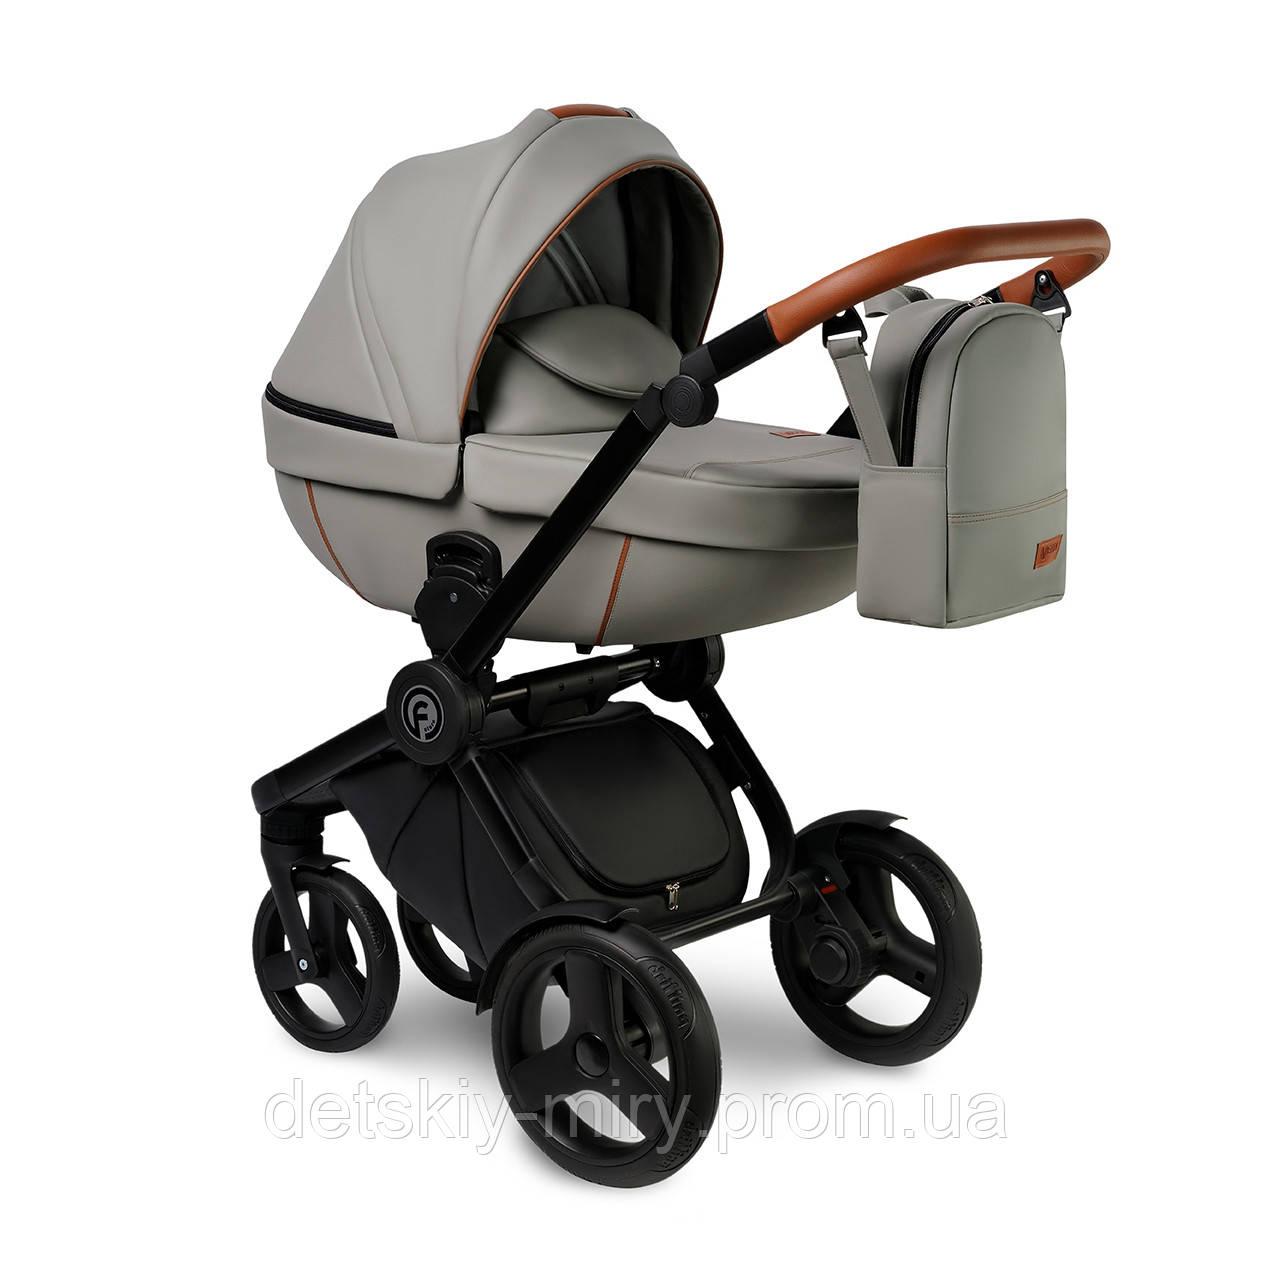 Детская универсальная коляска 2 в 1 Verdi Futuro - фото 2